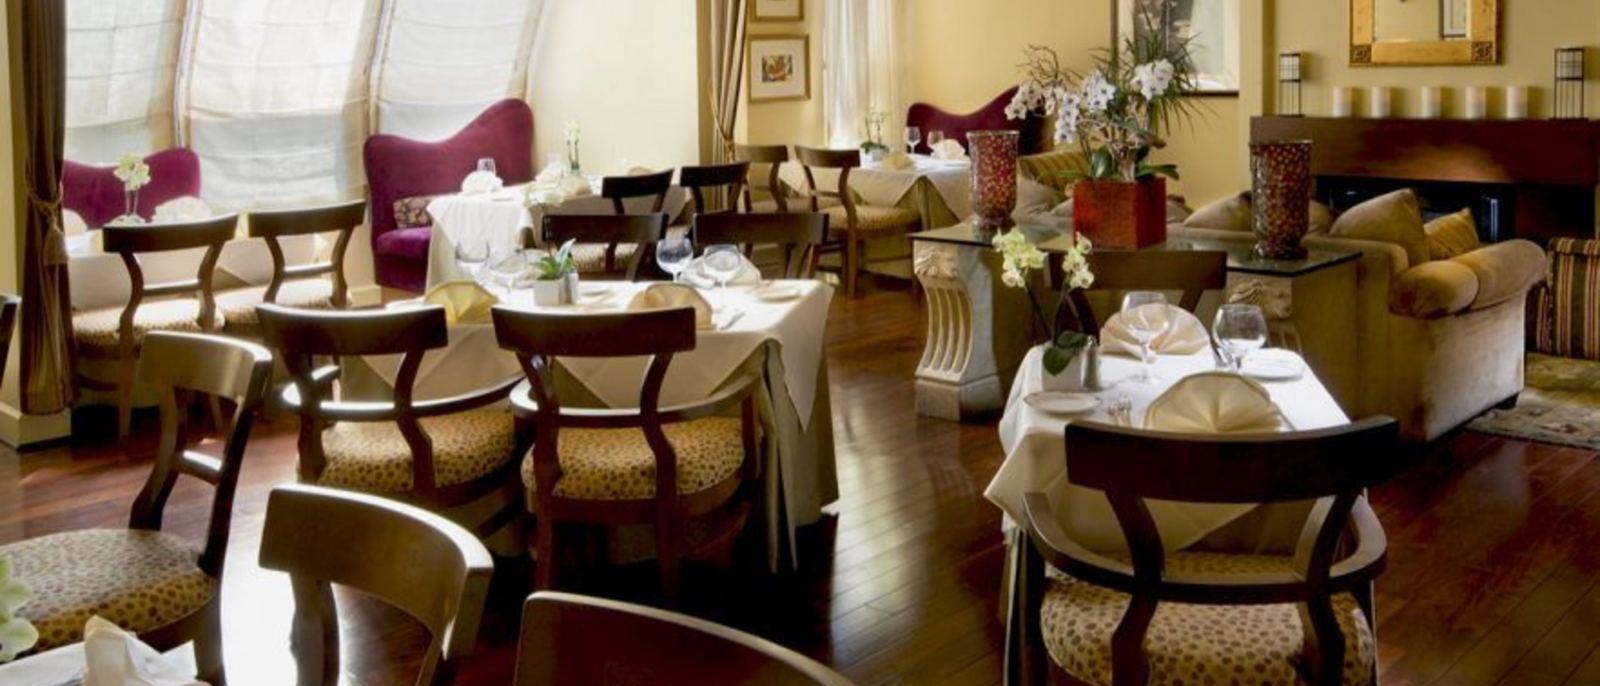 Knoll at Le Parc Suite Hotel